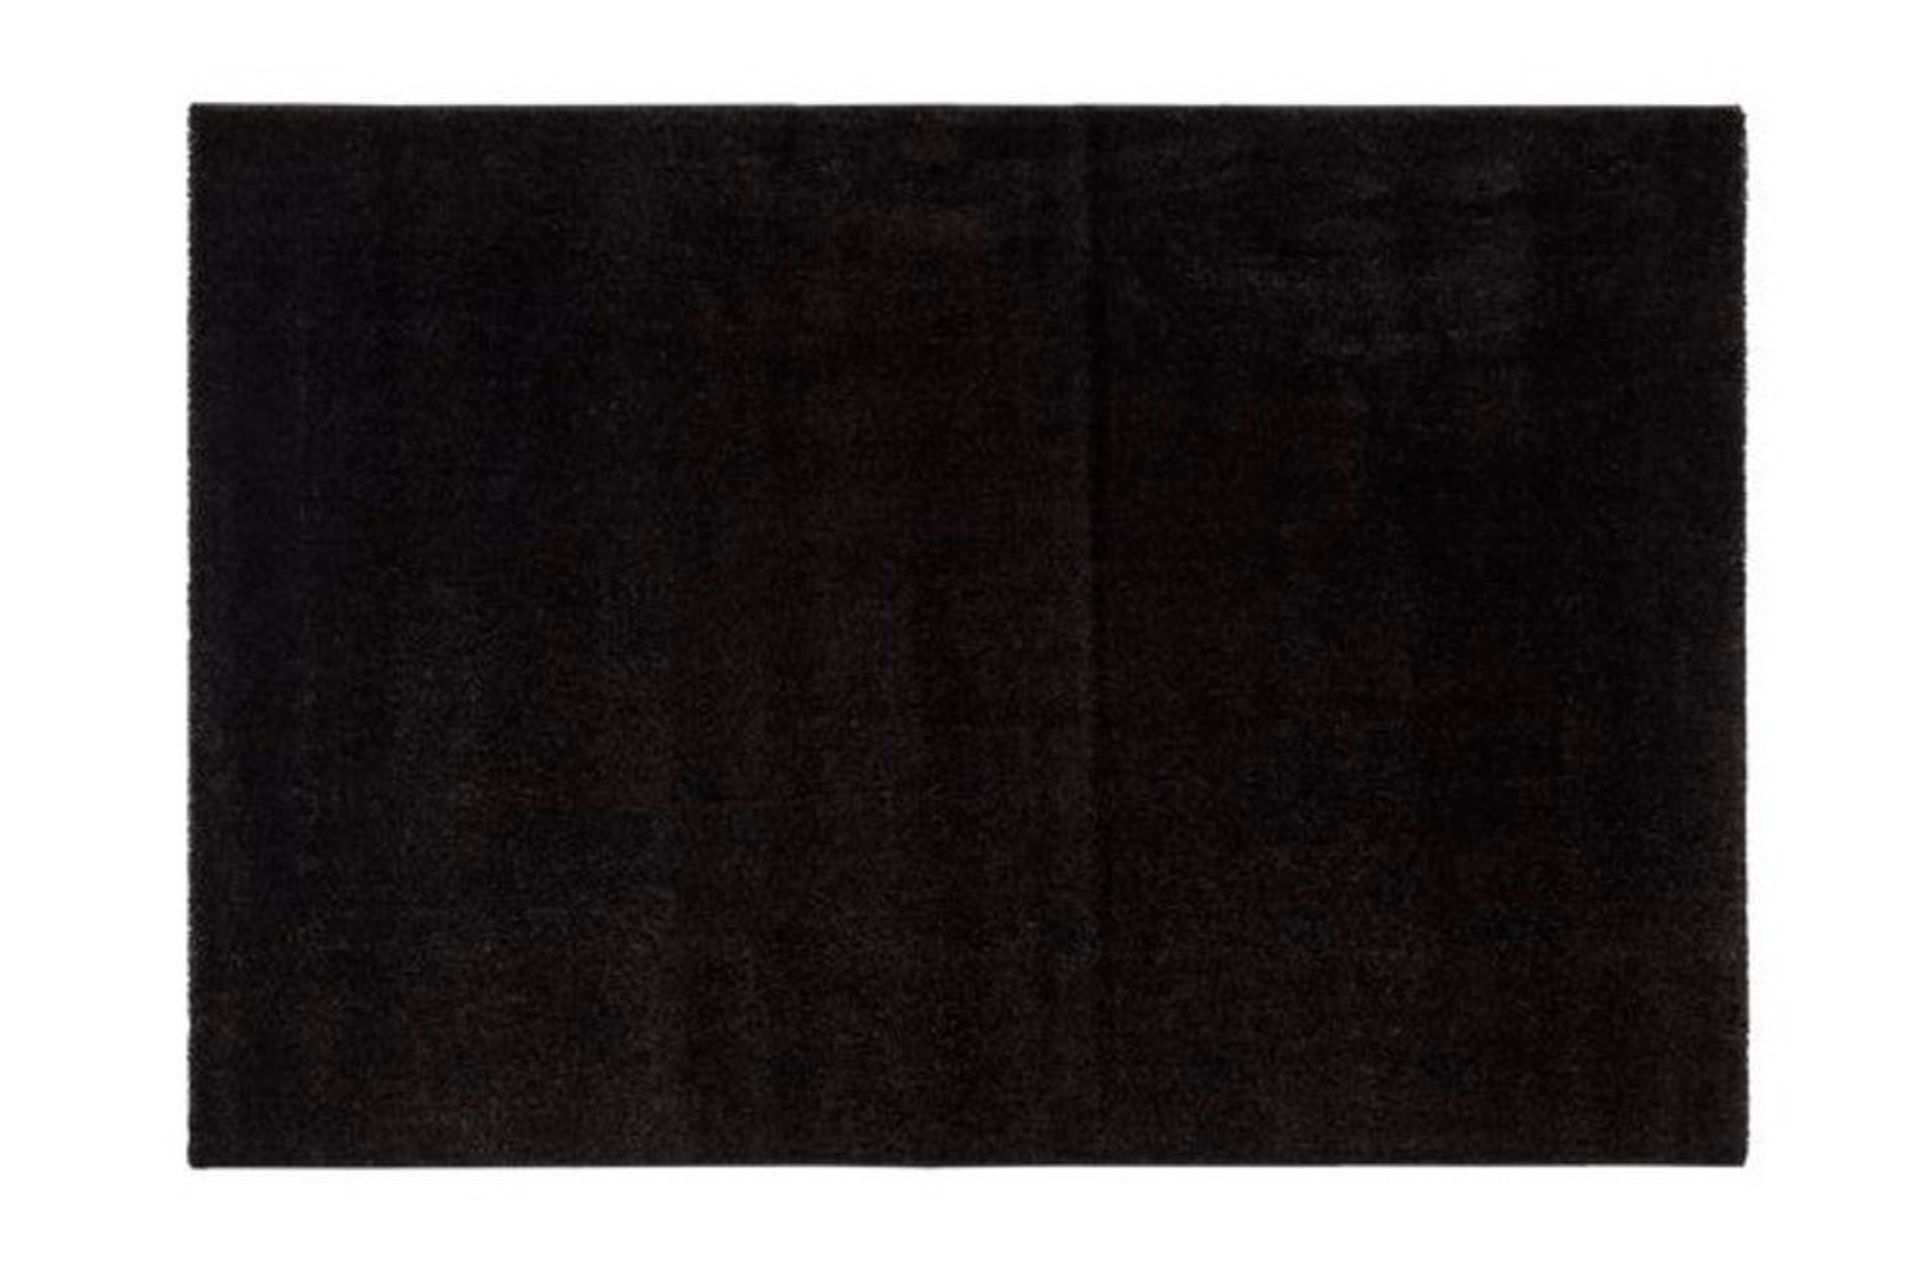 Essence Minimalist Woven Rug, 80 x 300, Black